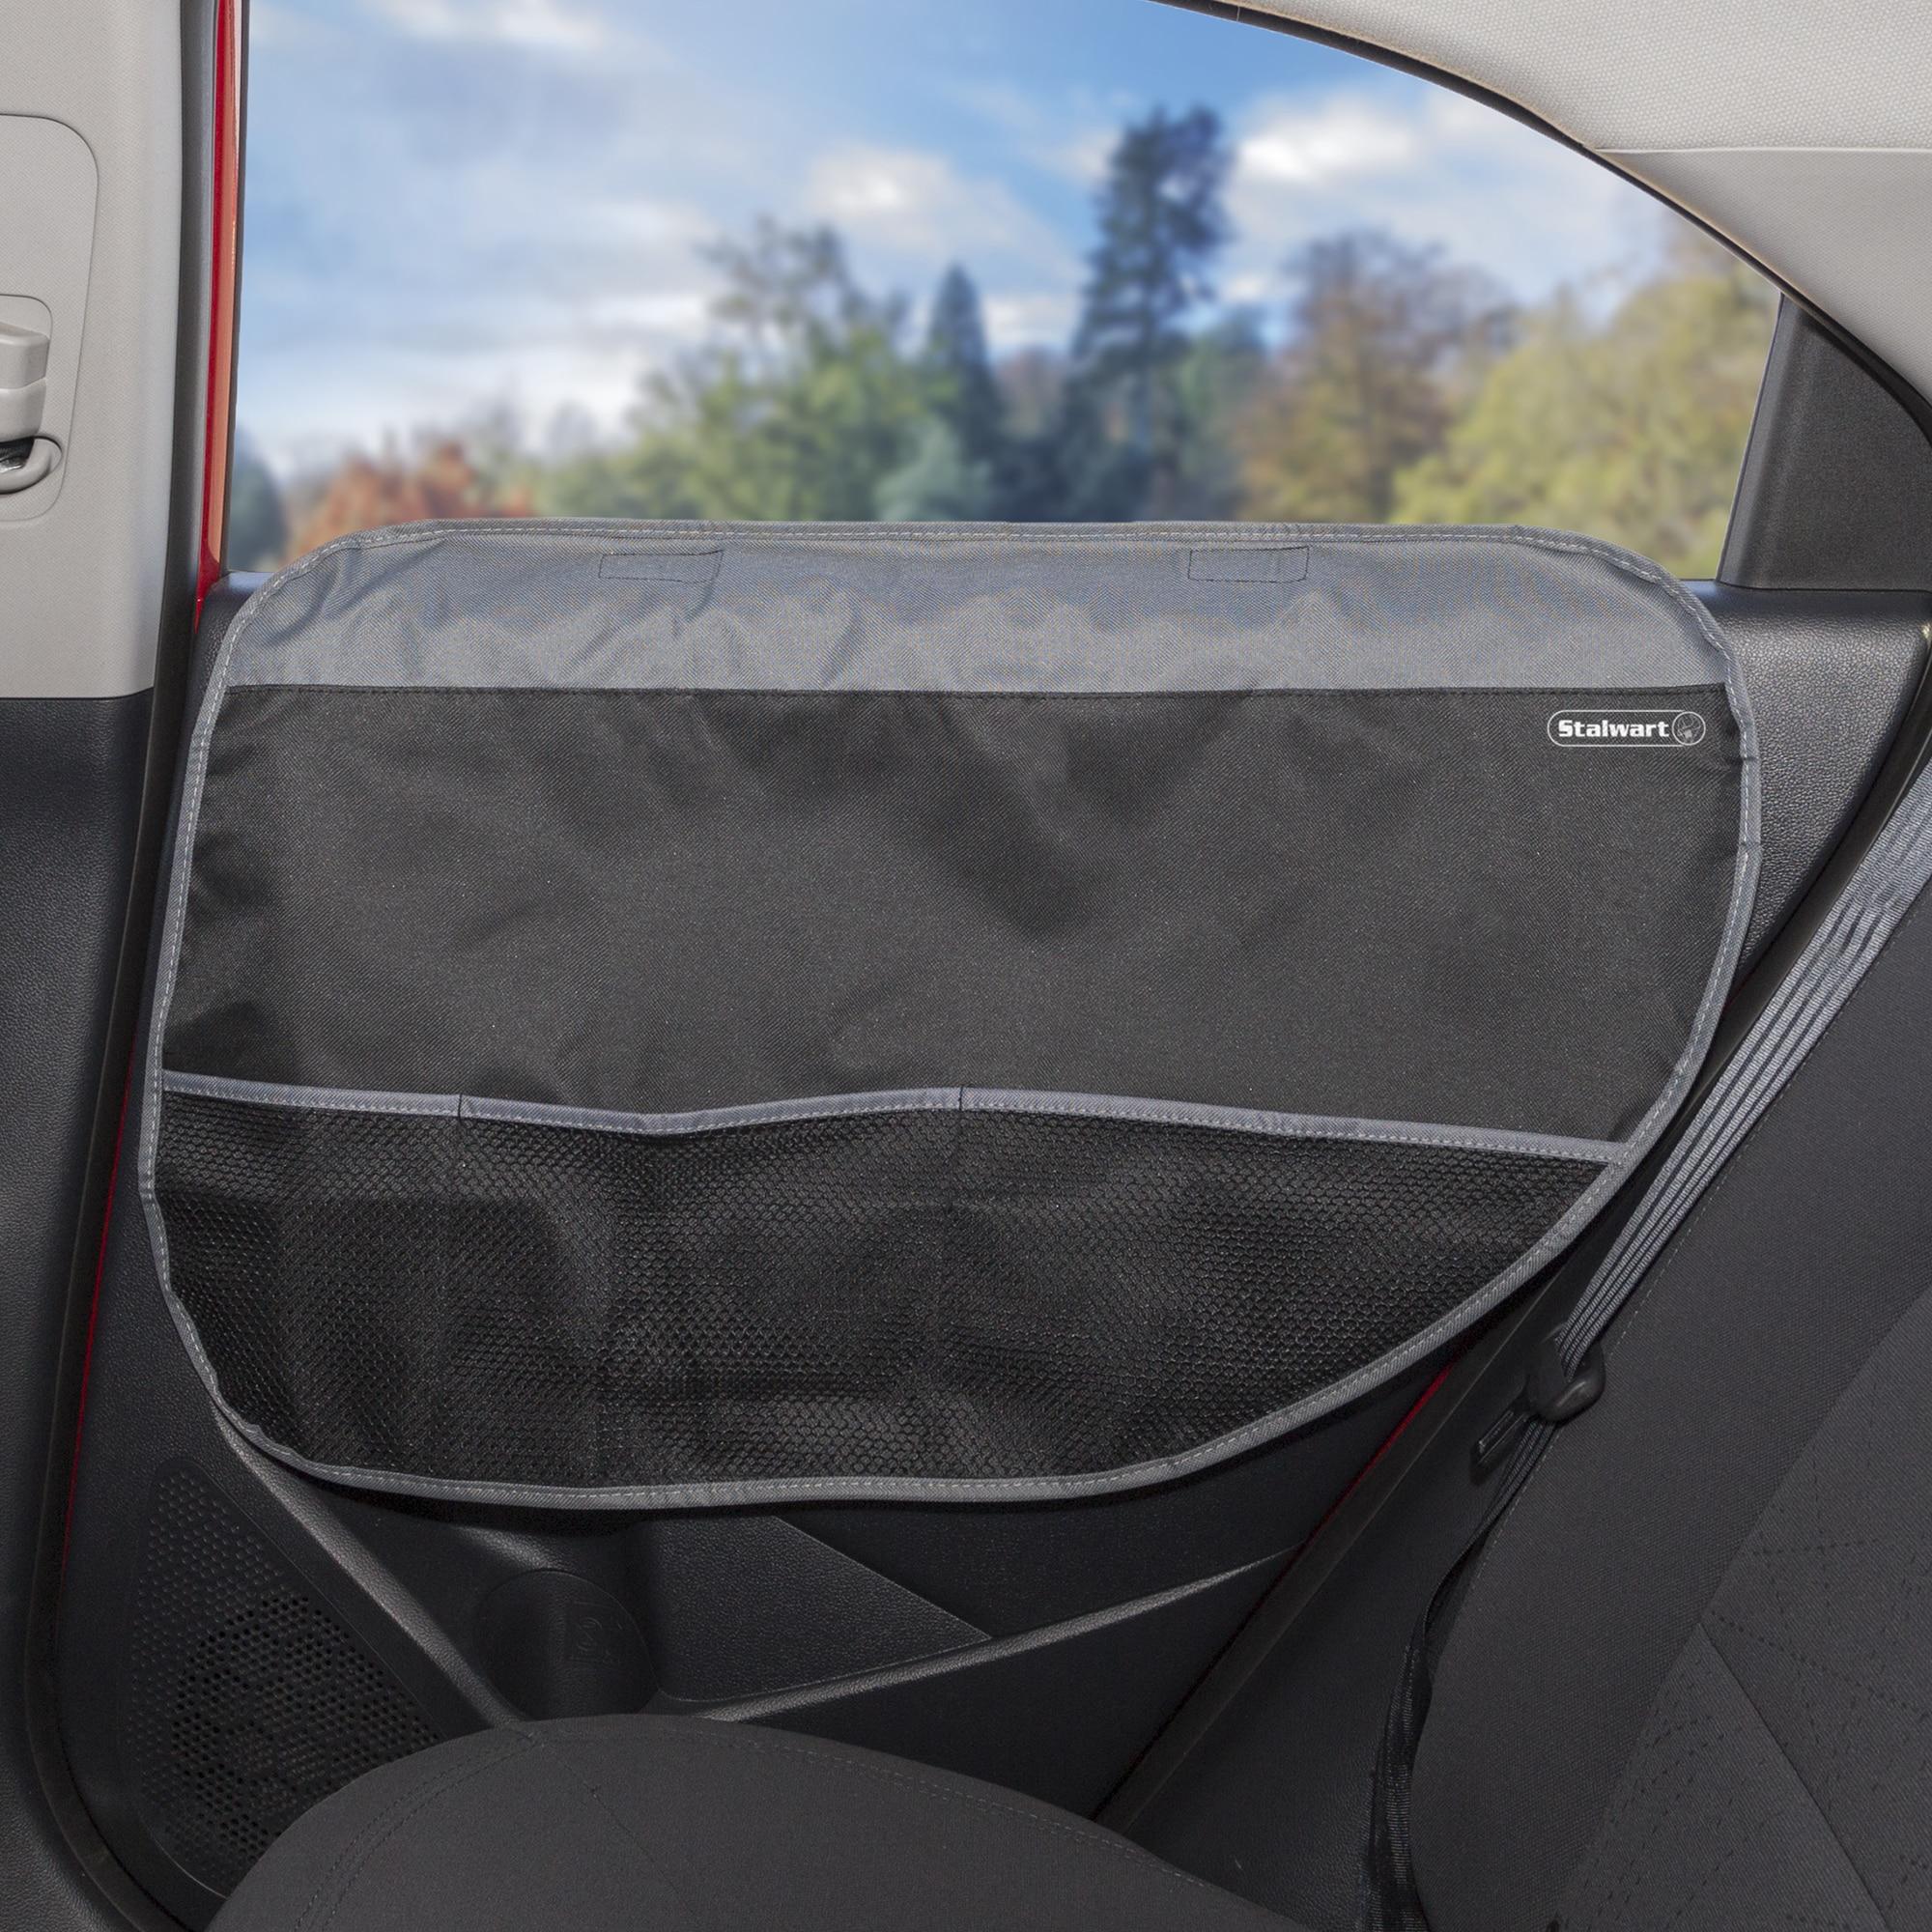 Stalwart Pet Auto Door Protector Shield Set (2 Pack-Black...